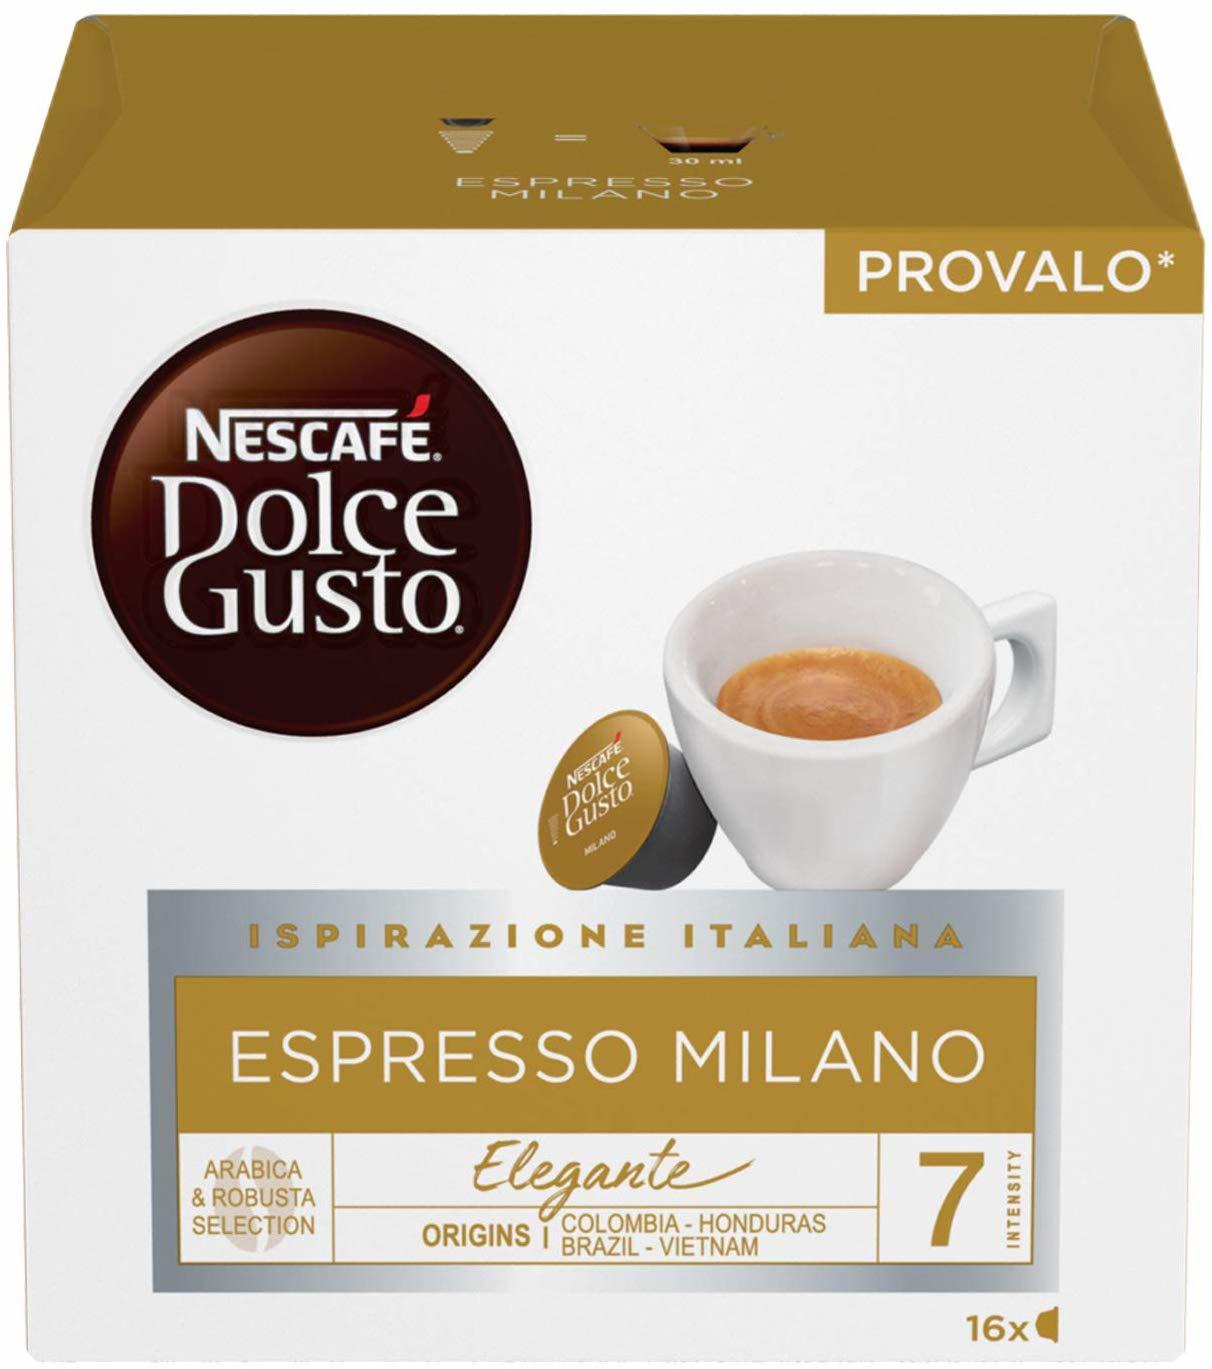 NESC.DOLCE GUSTO ESPRESSO MILANO Nescafé Dolce Gusto Espresso Milano